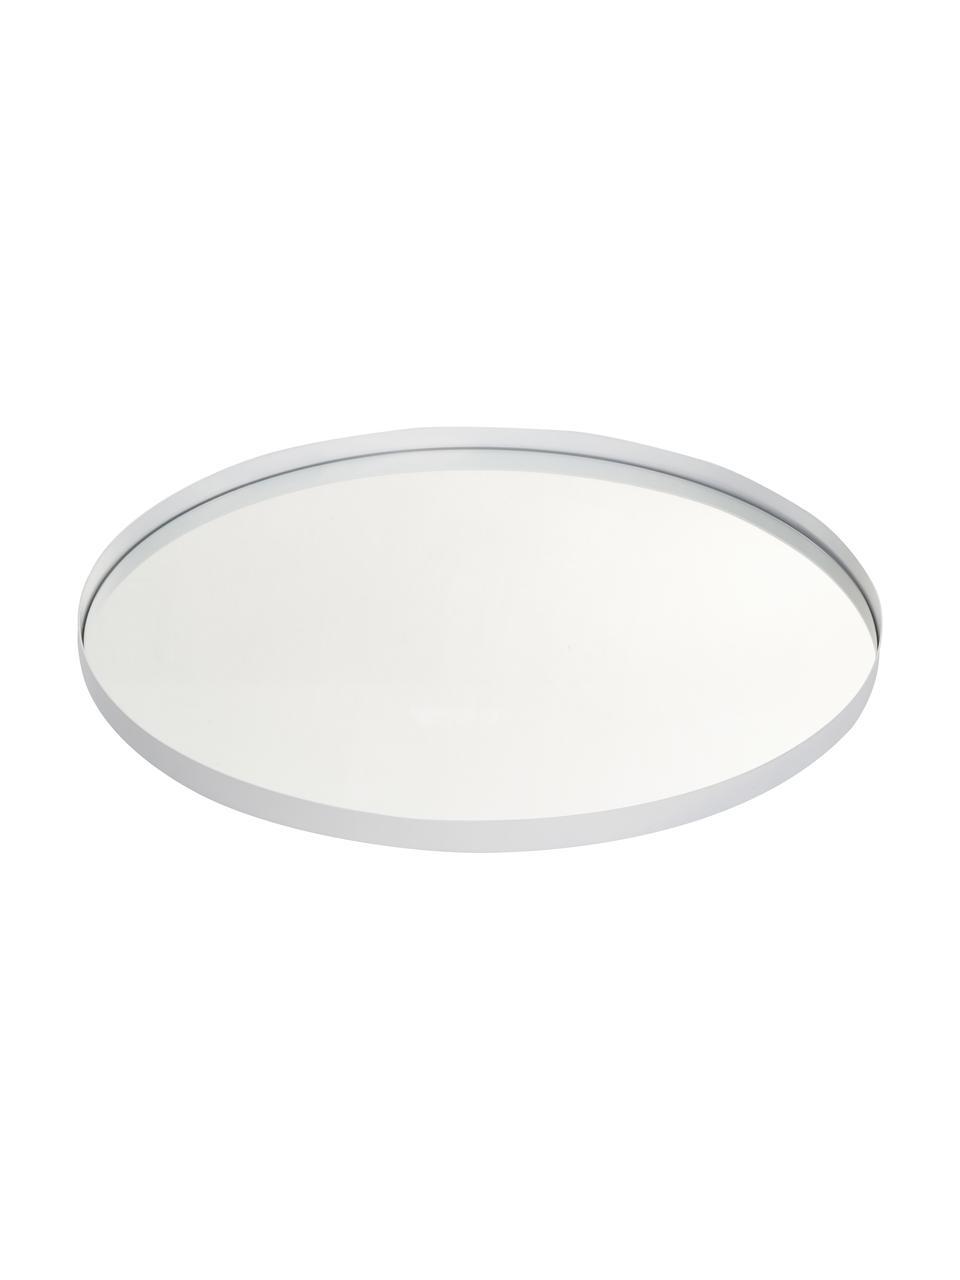 Okrągłe lustro ścienne Ivy, Biały, Ø 55 cm